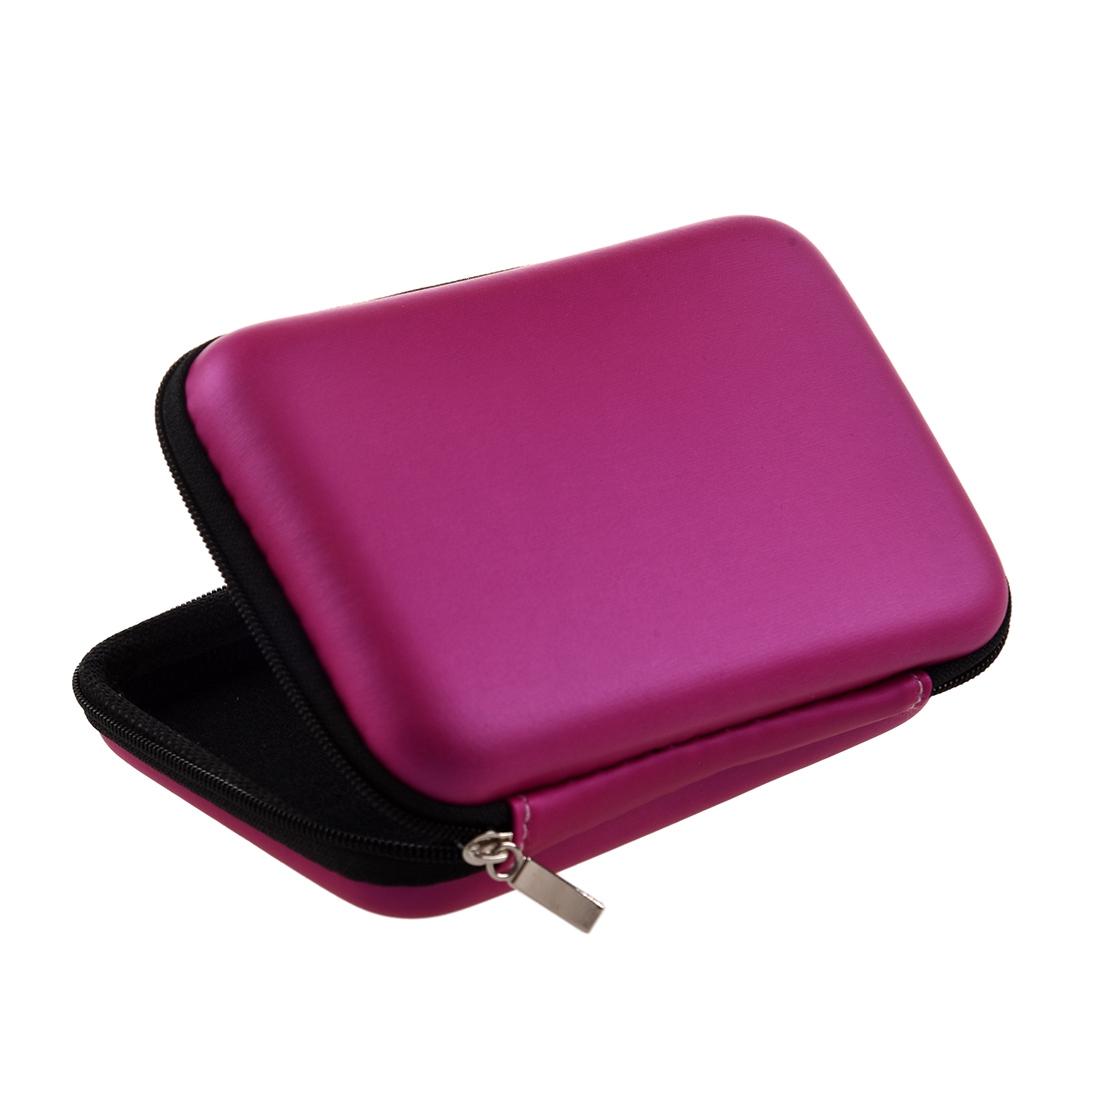 Etui case sac housse case antichoc zippe pour disque durs for Housse disque dur externe 3 5